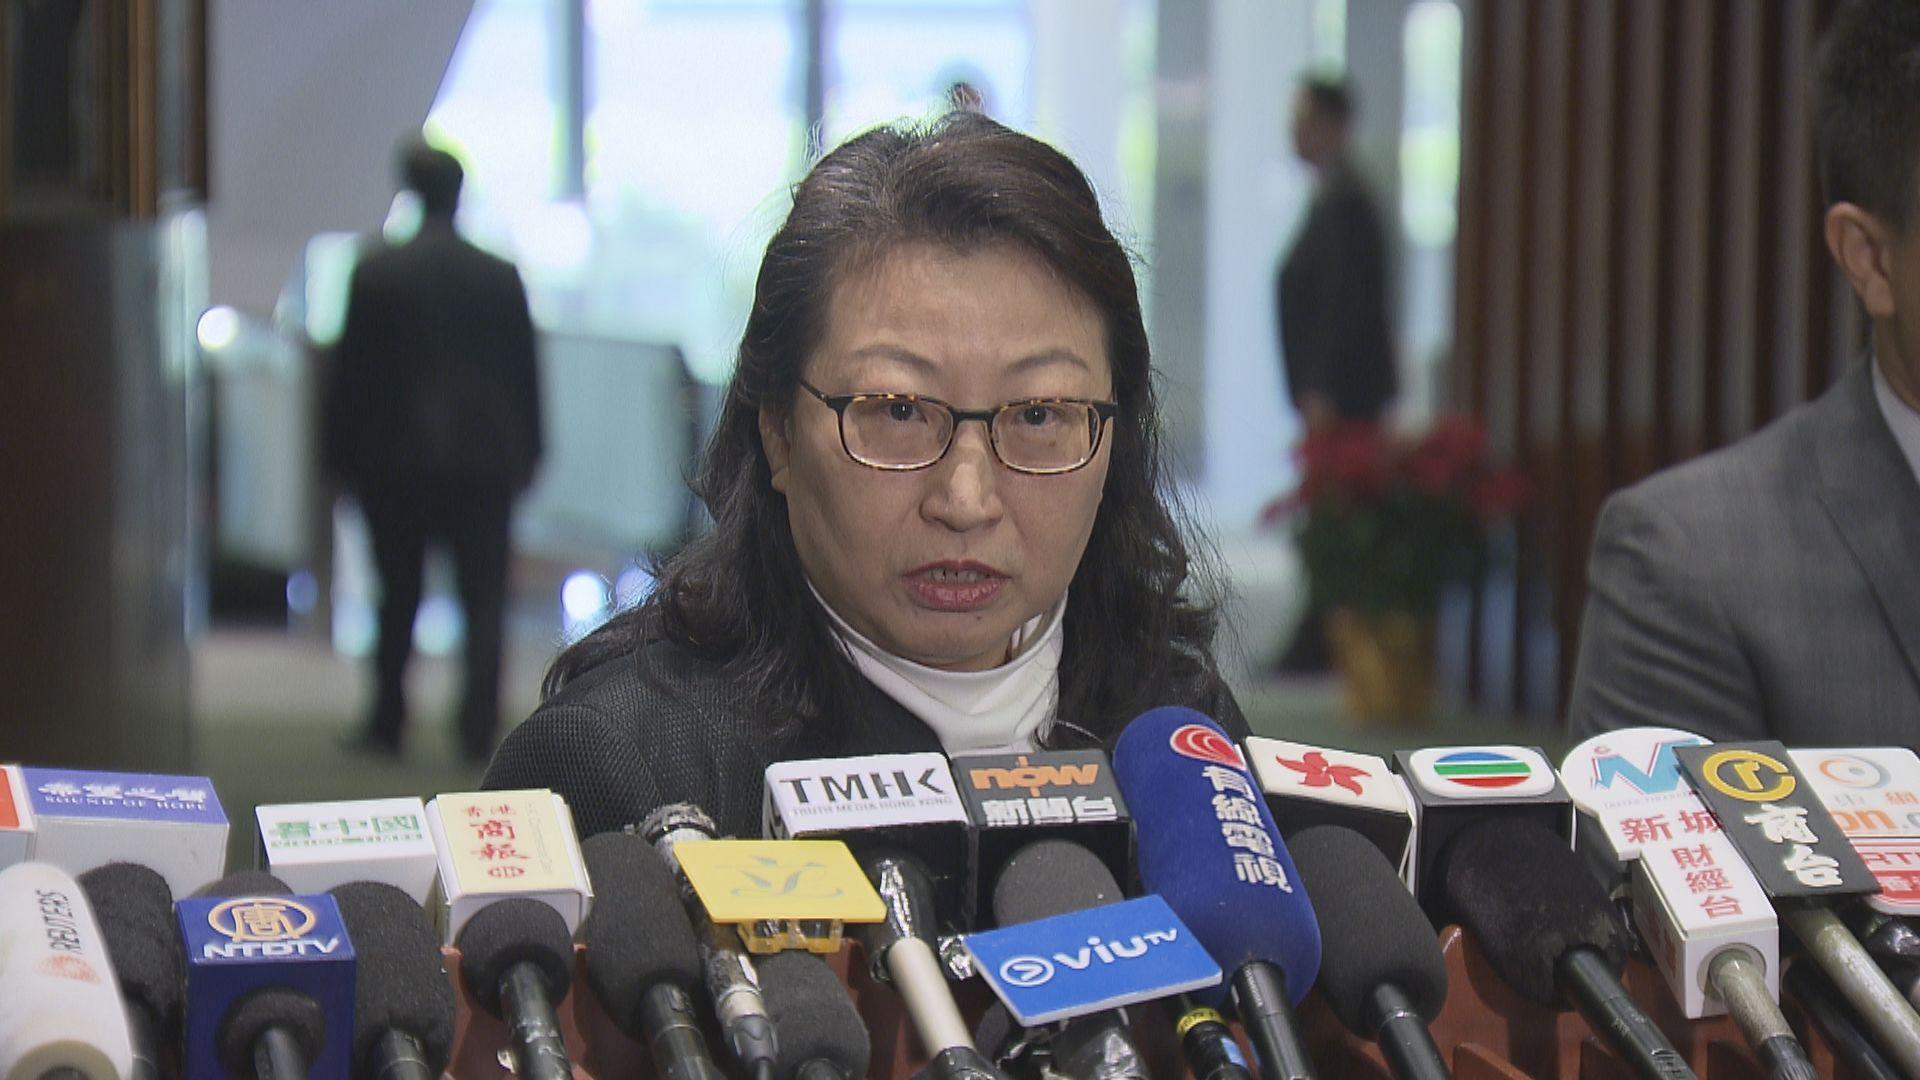 鄭若驊︰新制度構建有香港特色的新的民主選舉制度